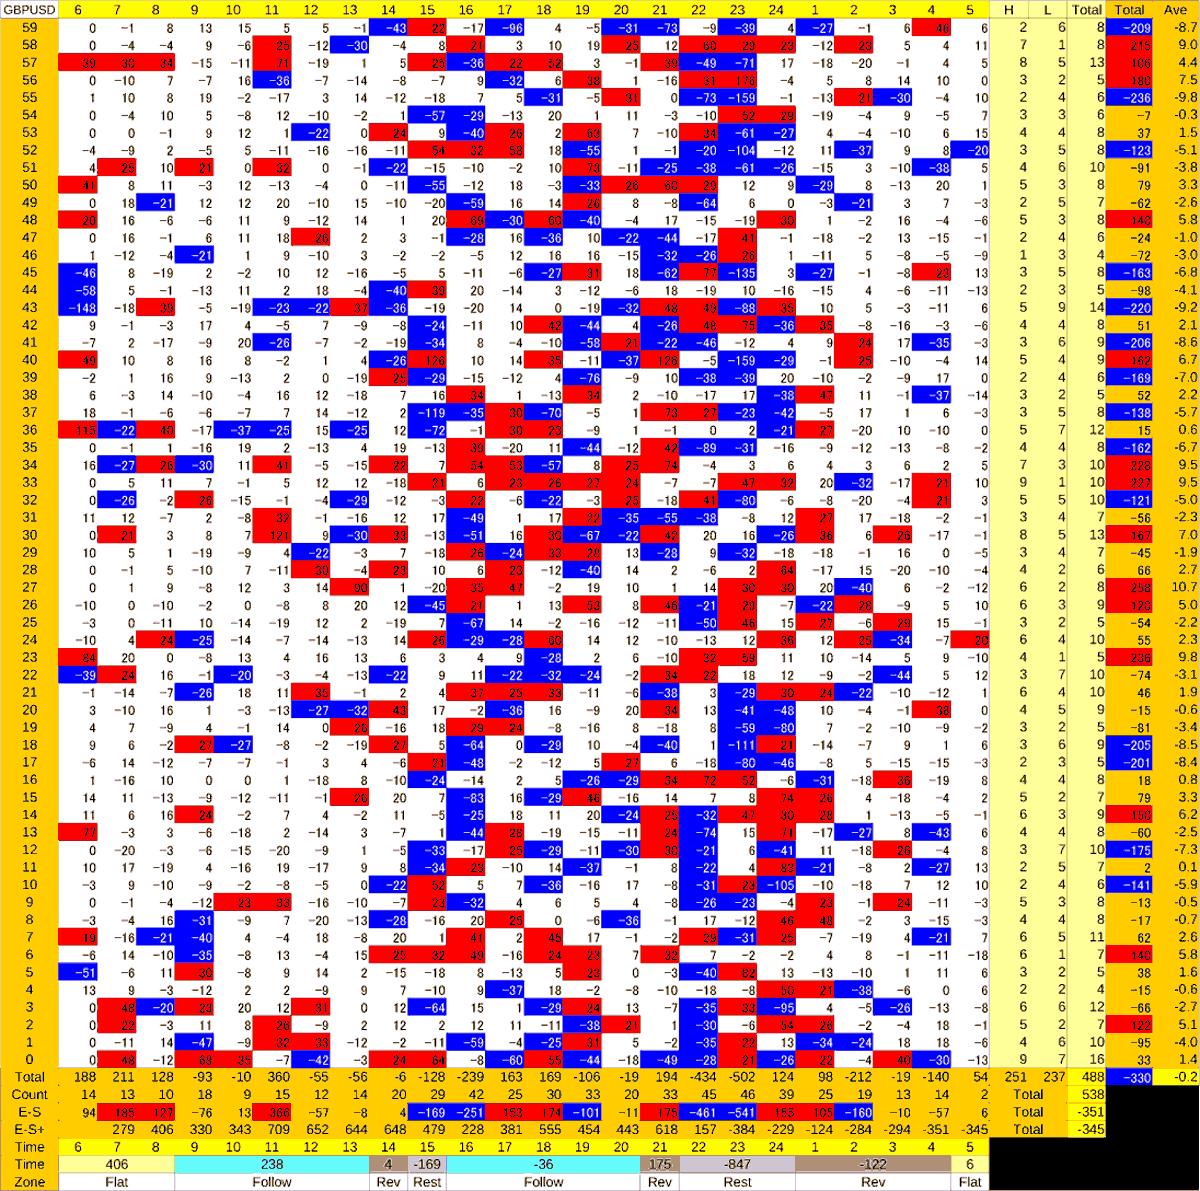 20200616_HS(2)GBPUSD